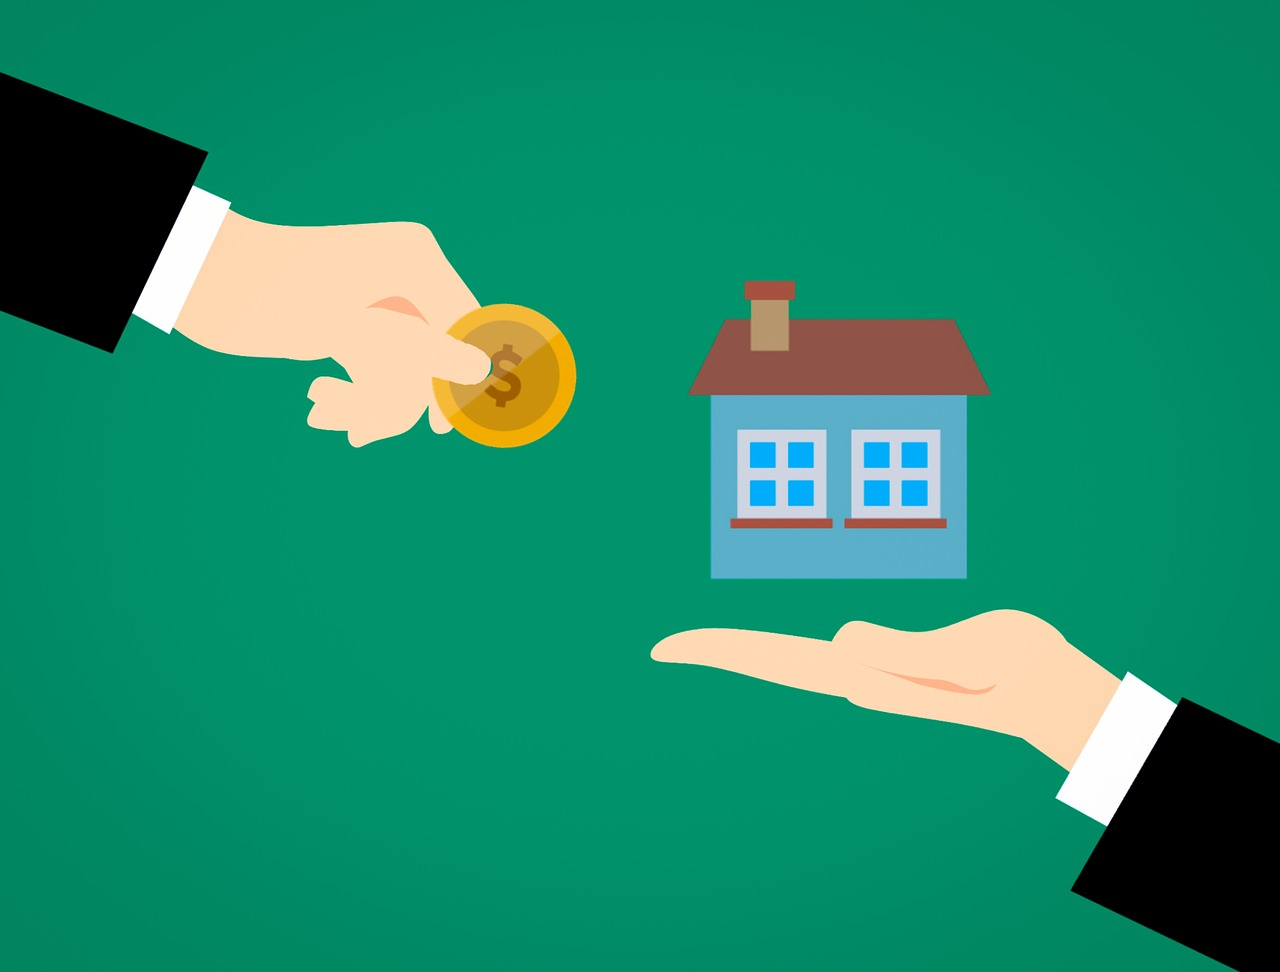 Comment choisir une agence immobilière pour sa maison?